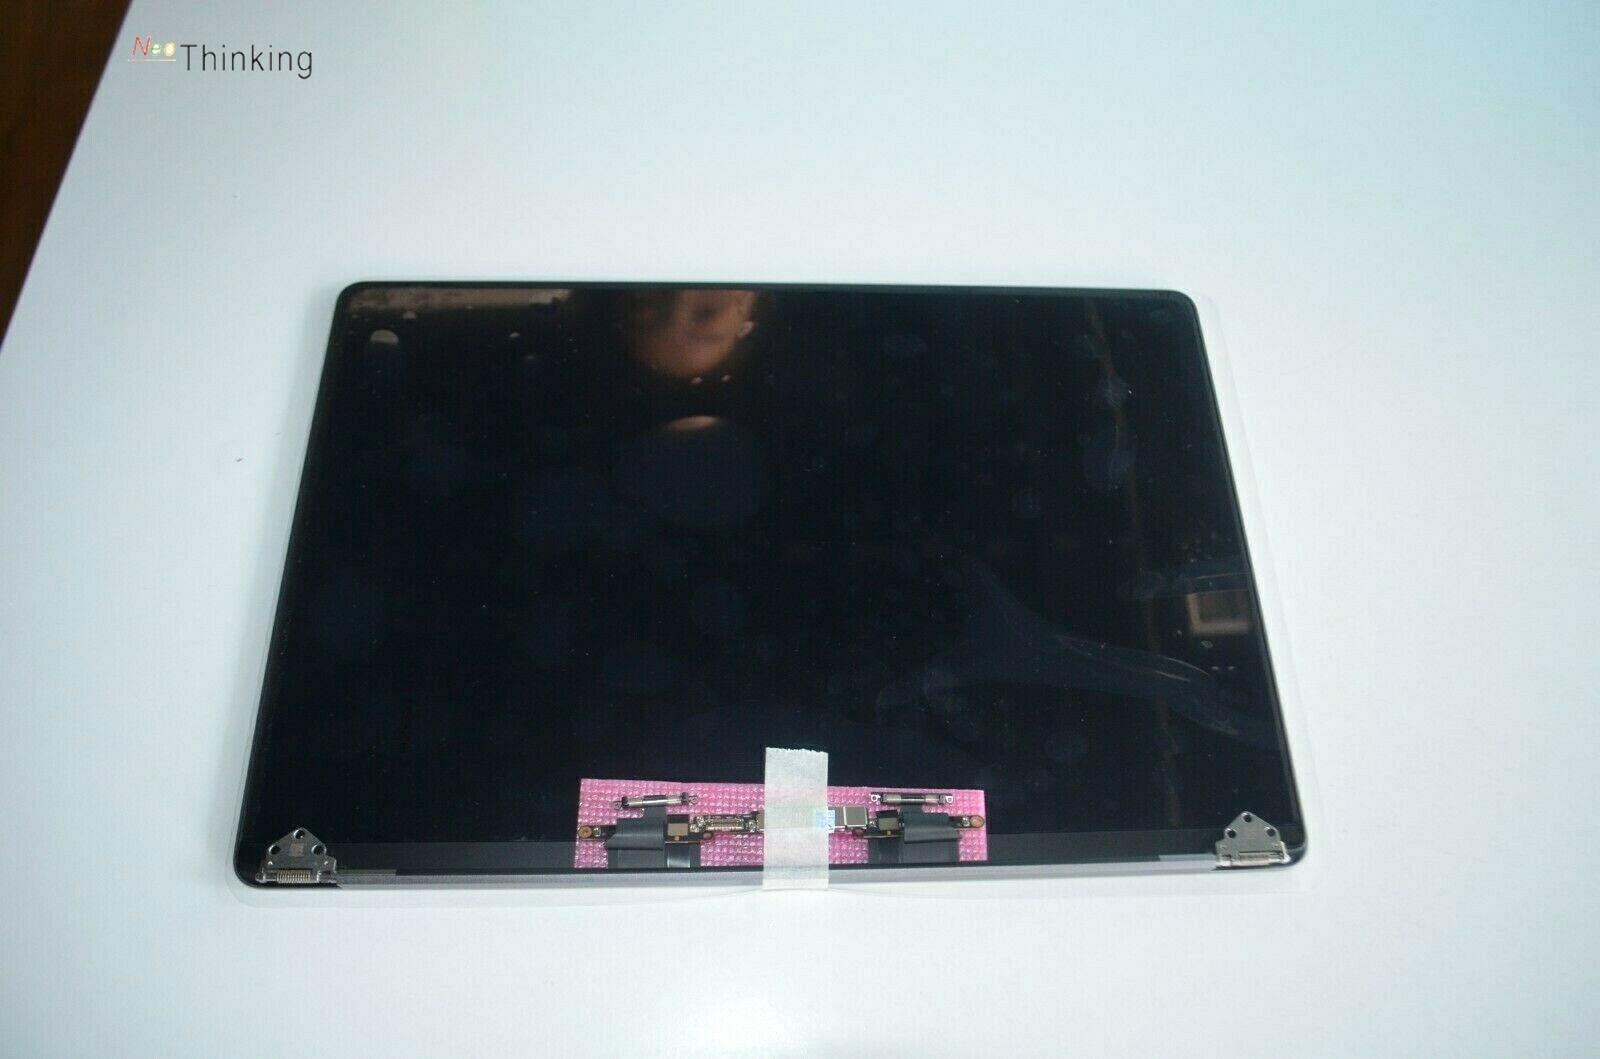 جديد A1707 LCD فضي/رمادي لماك بوك برو 15.4